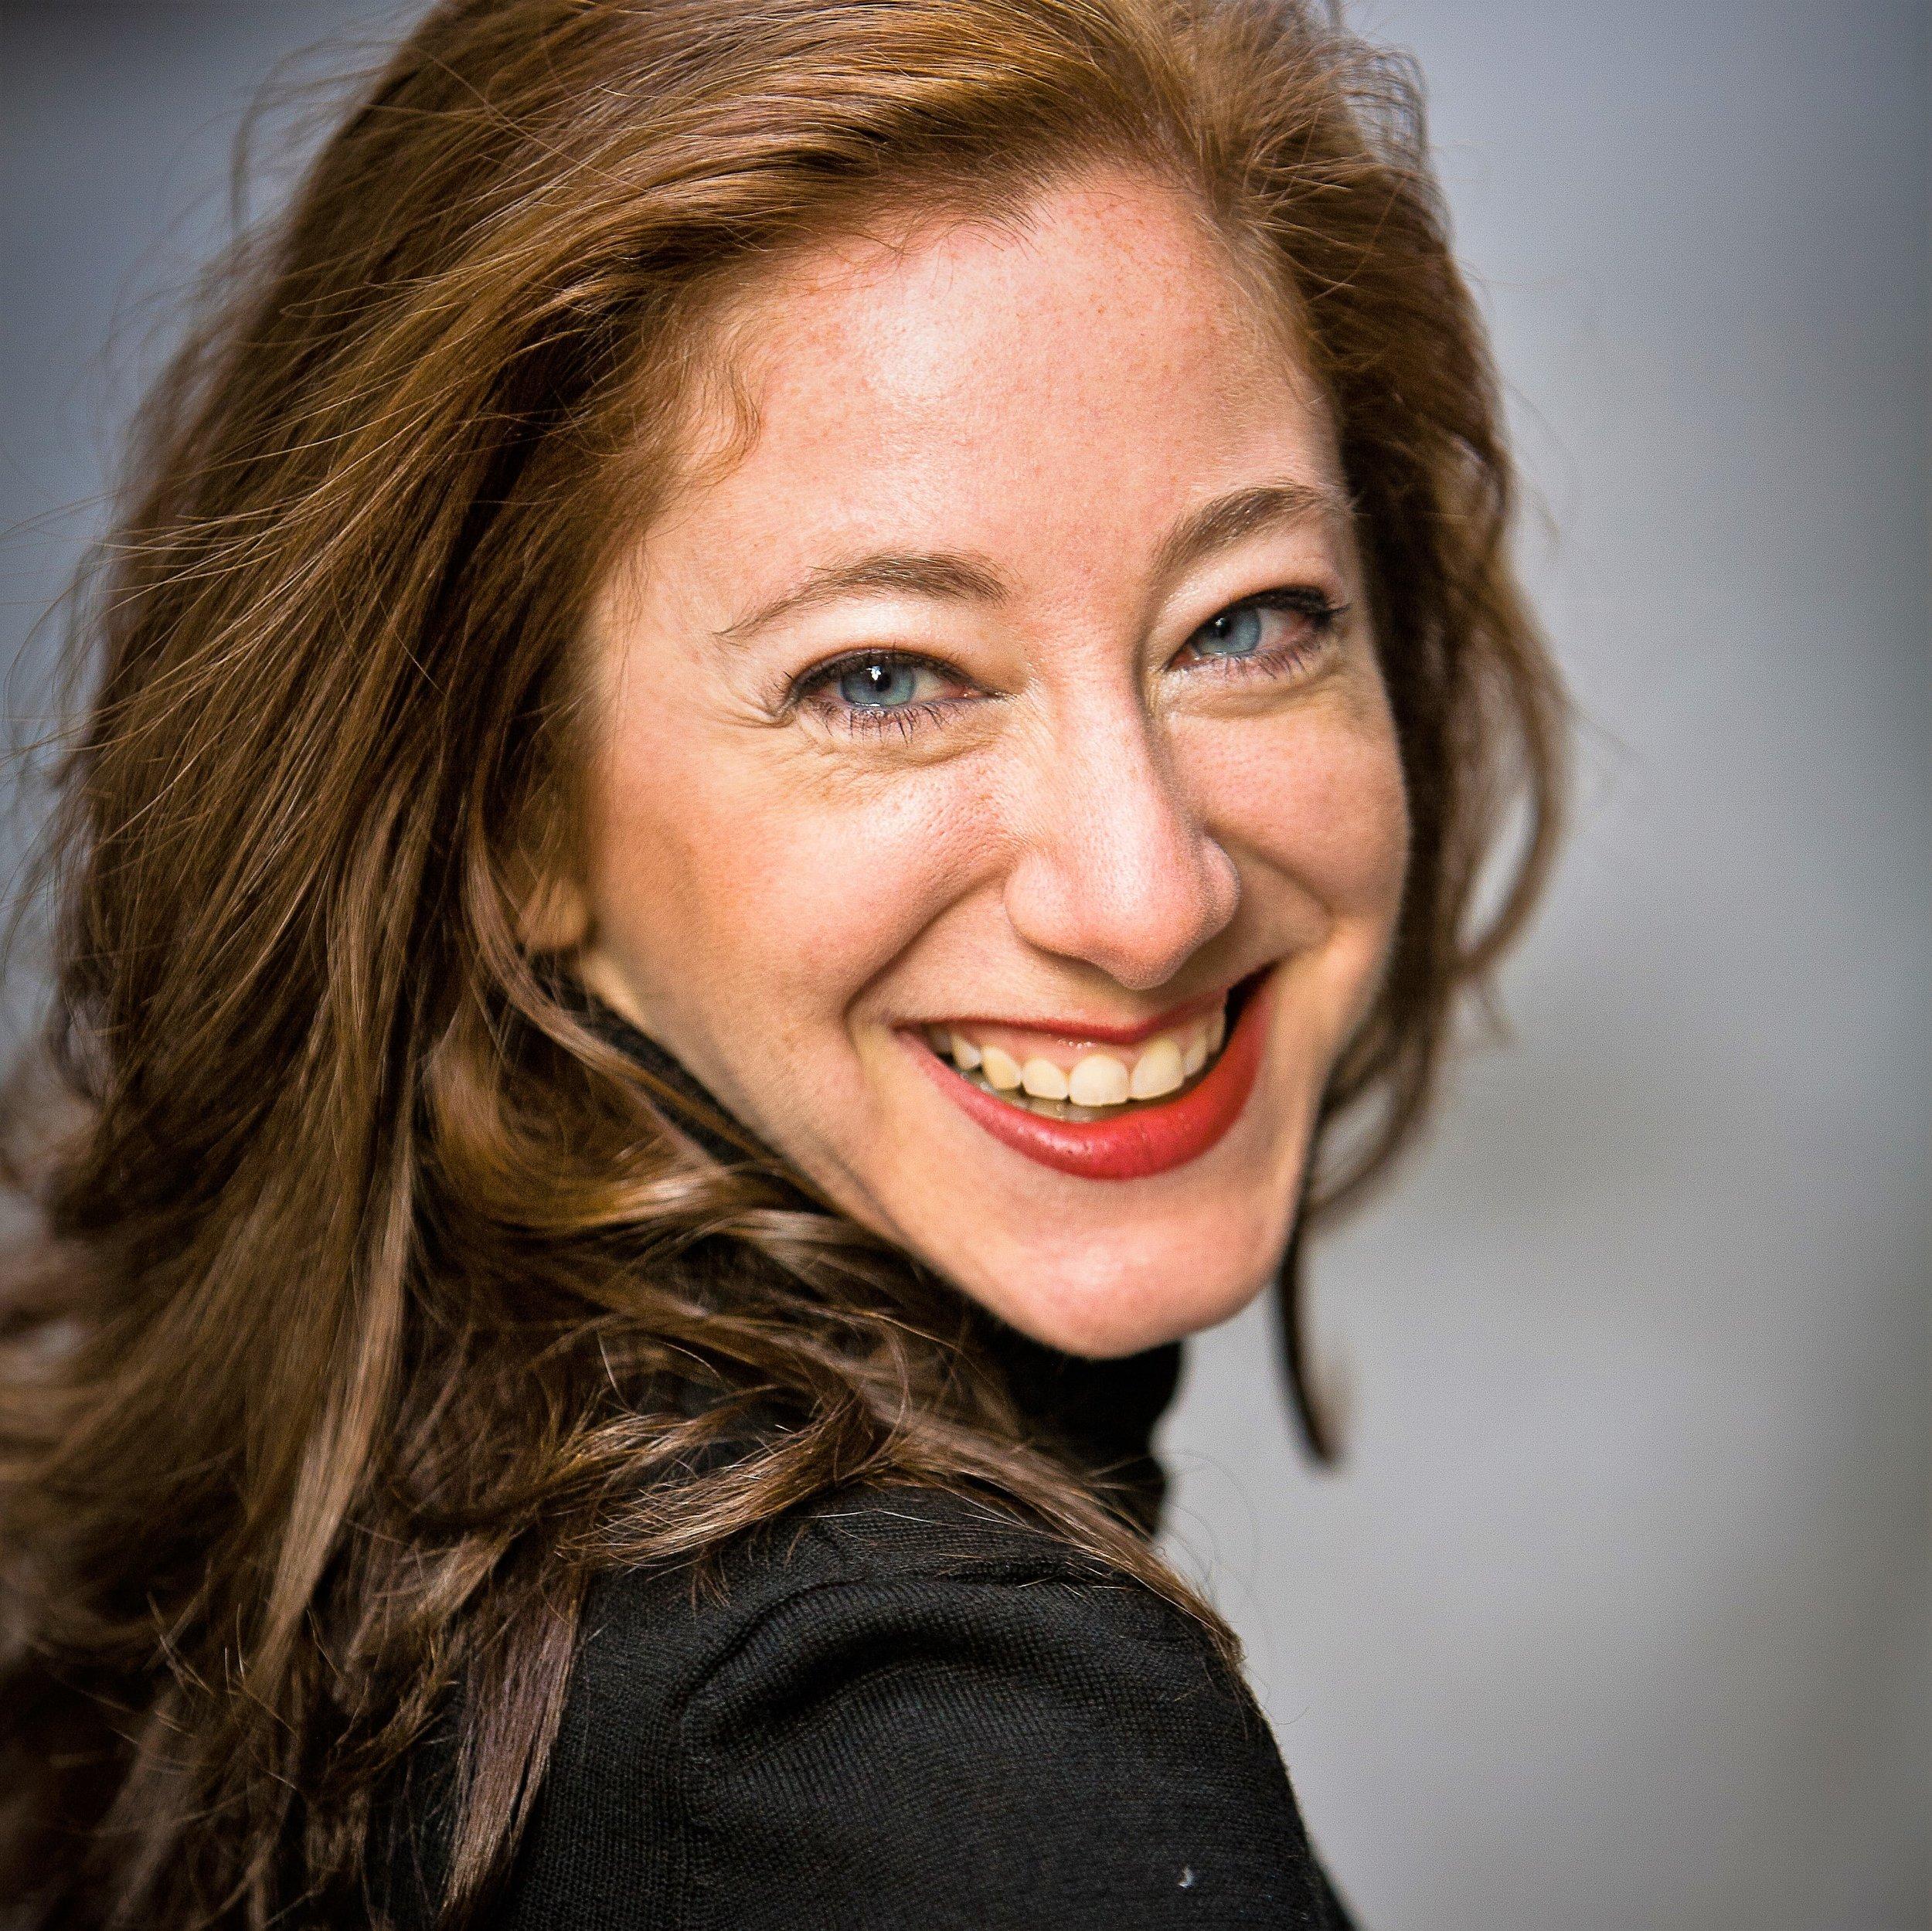 Eve Chalom headshot 2.jpg